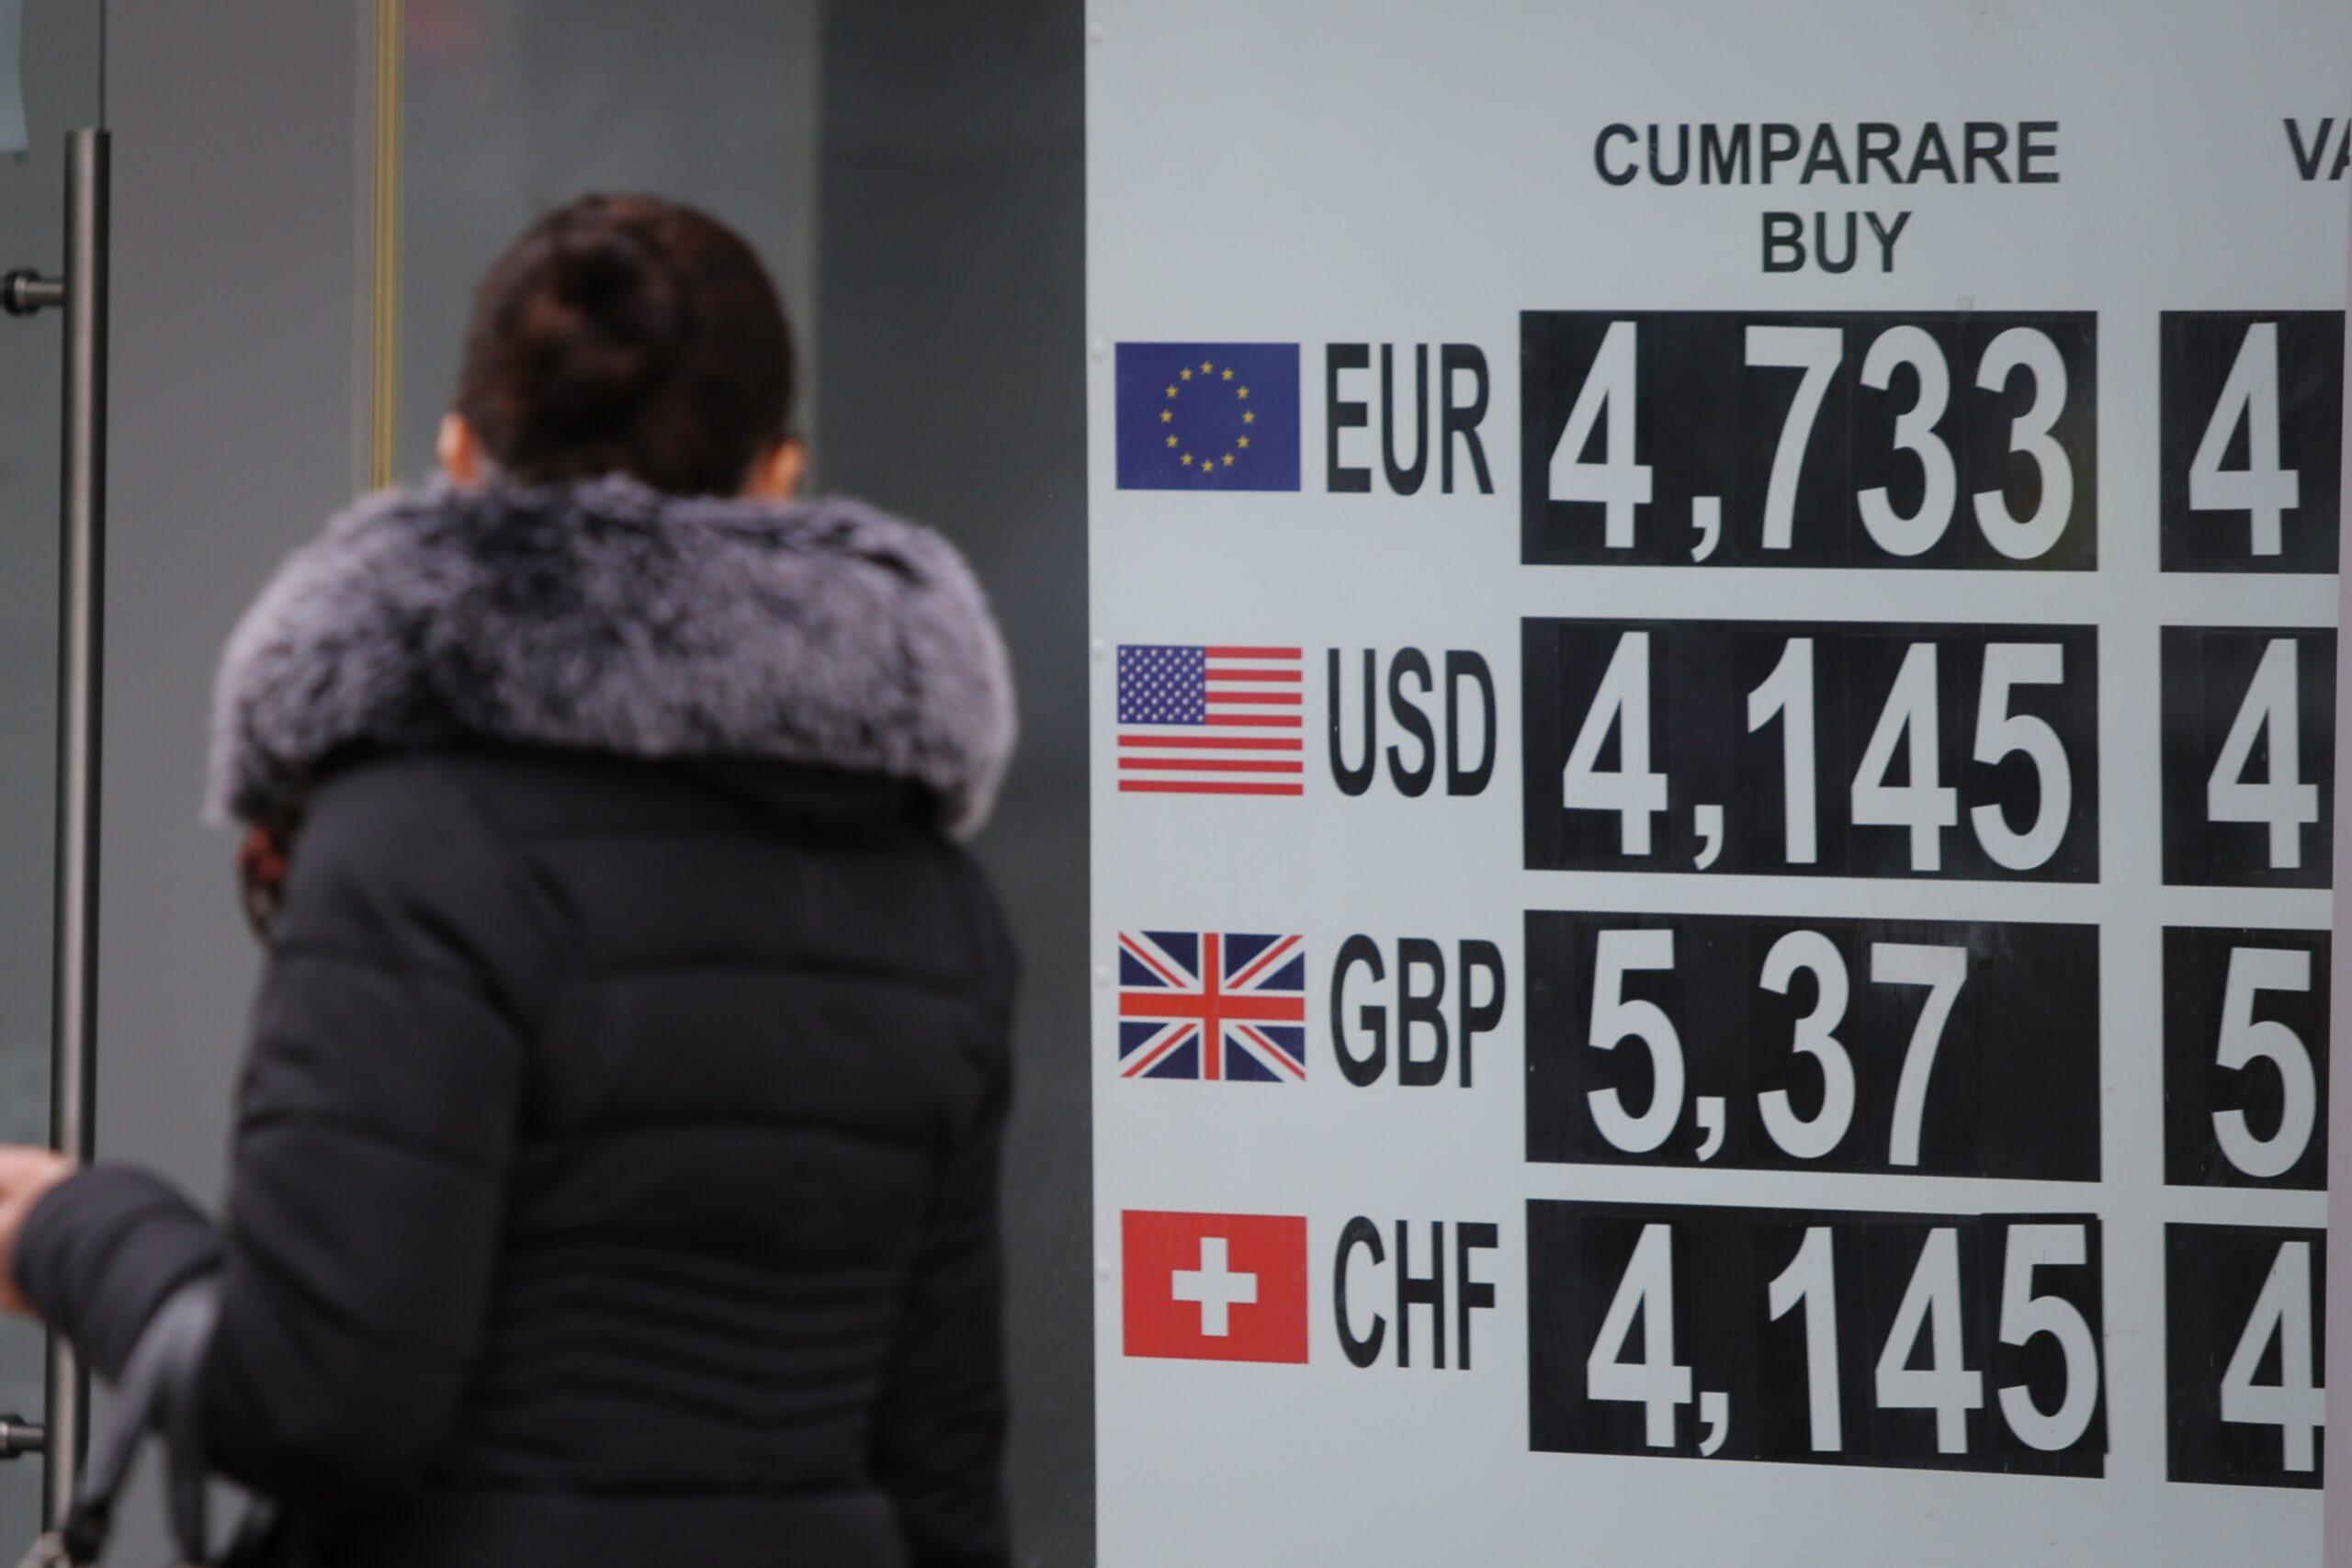 Curs valutar BNR azi, 10 octombrie 2018: dolarul scade ...   Bnr Curs Valutar